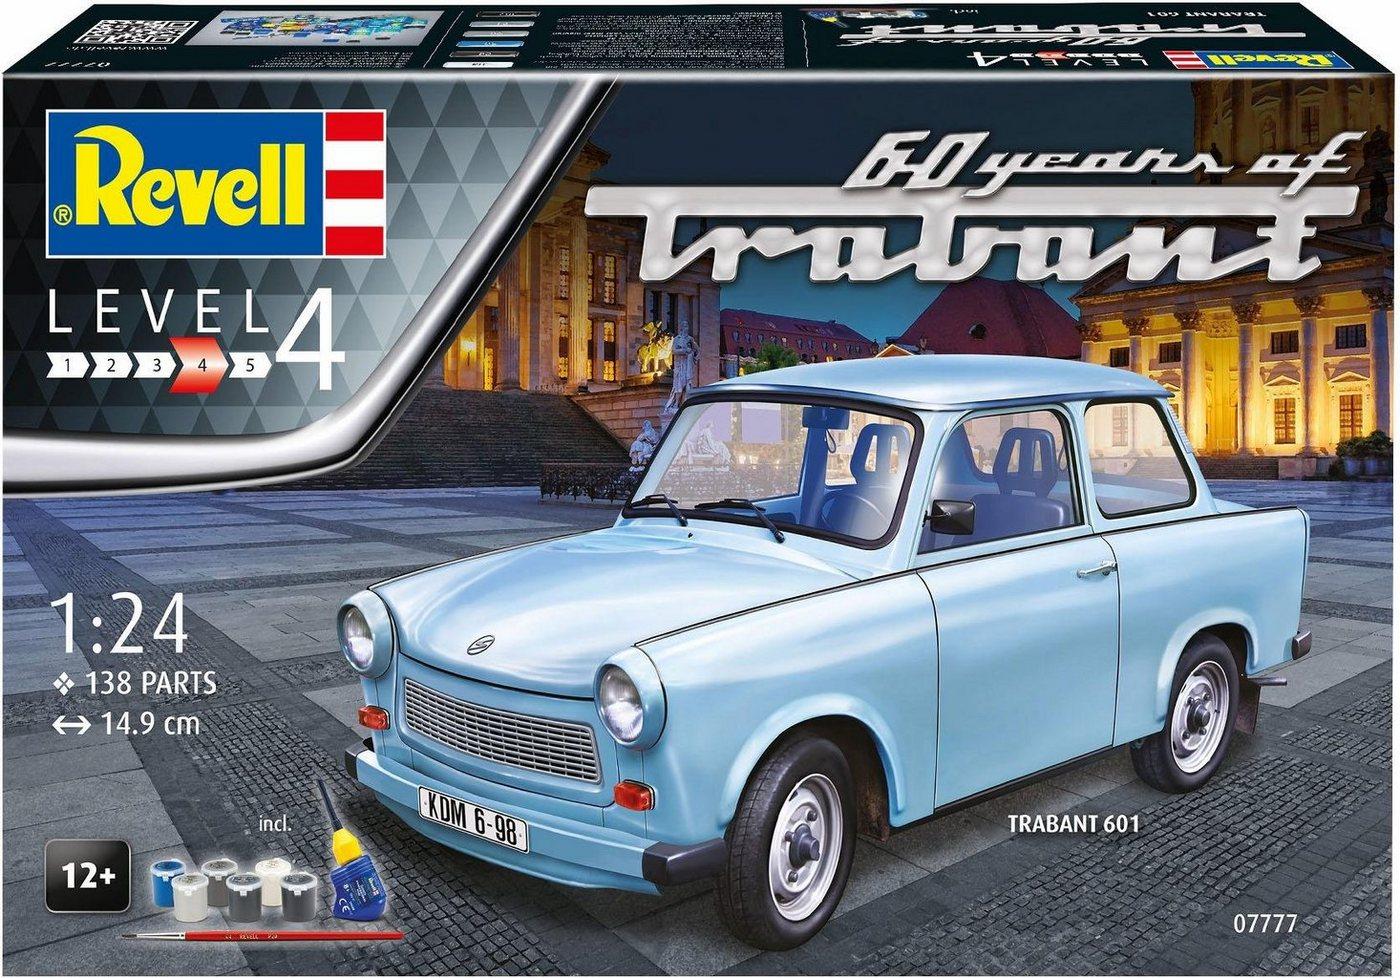 Revell Modellbausatz Auto mit Zubehör, »Trabant 601S, 60-Jahre«